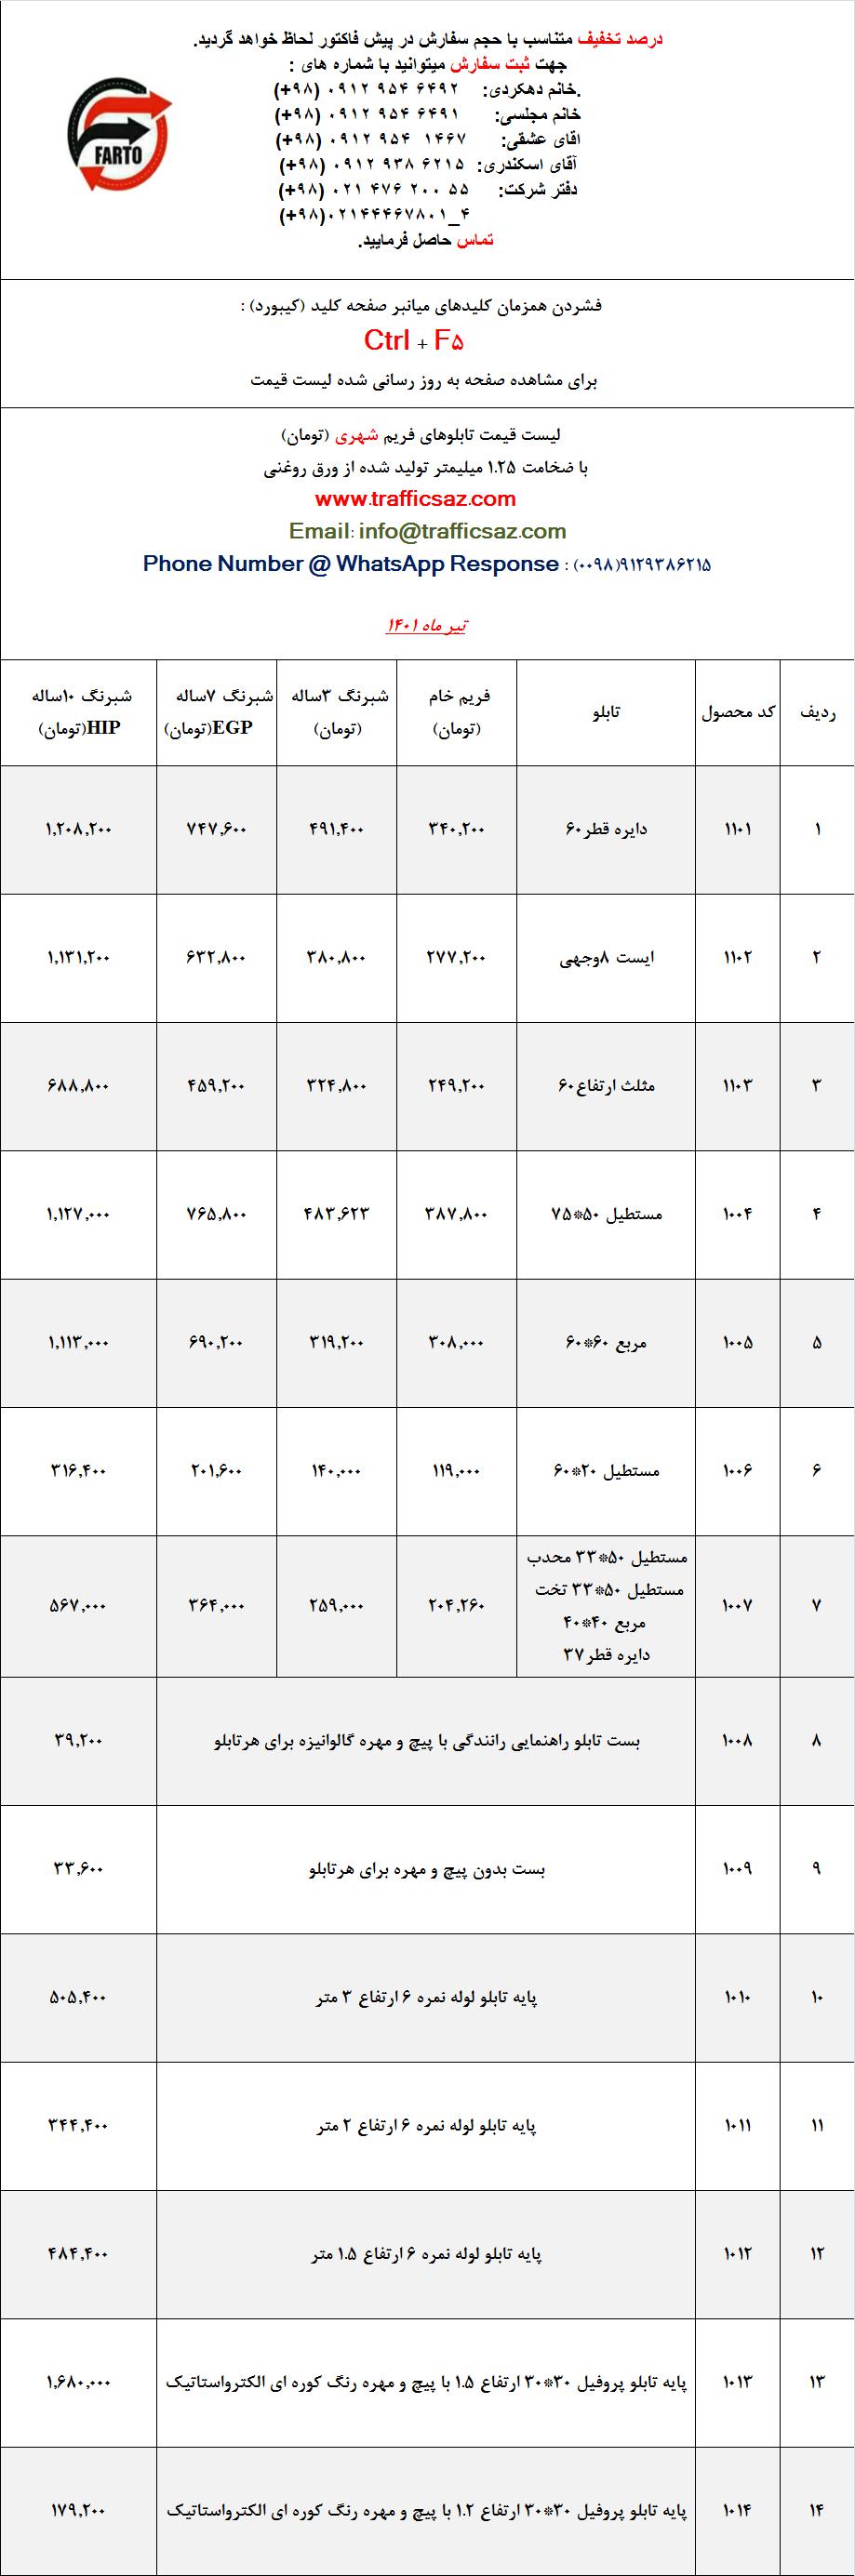 لیست قیمت خرید علائم راهنمایی و رانندگی شهری